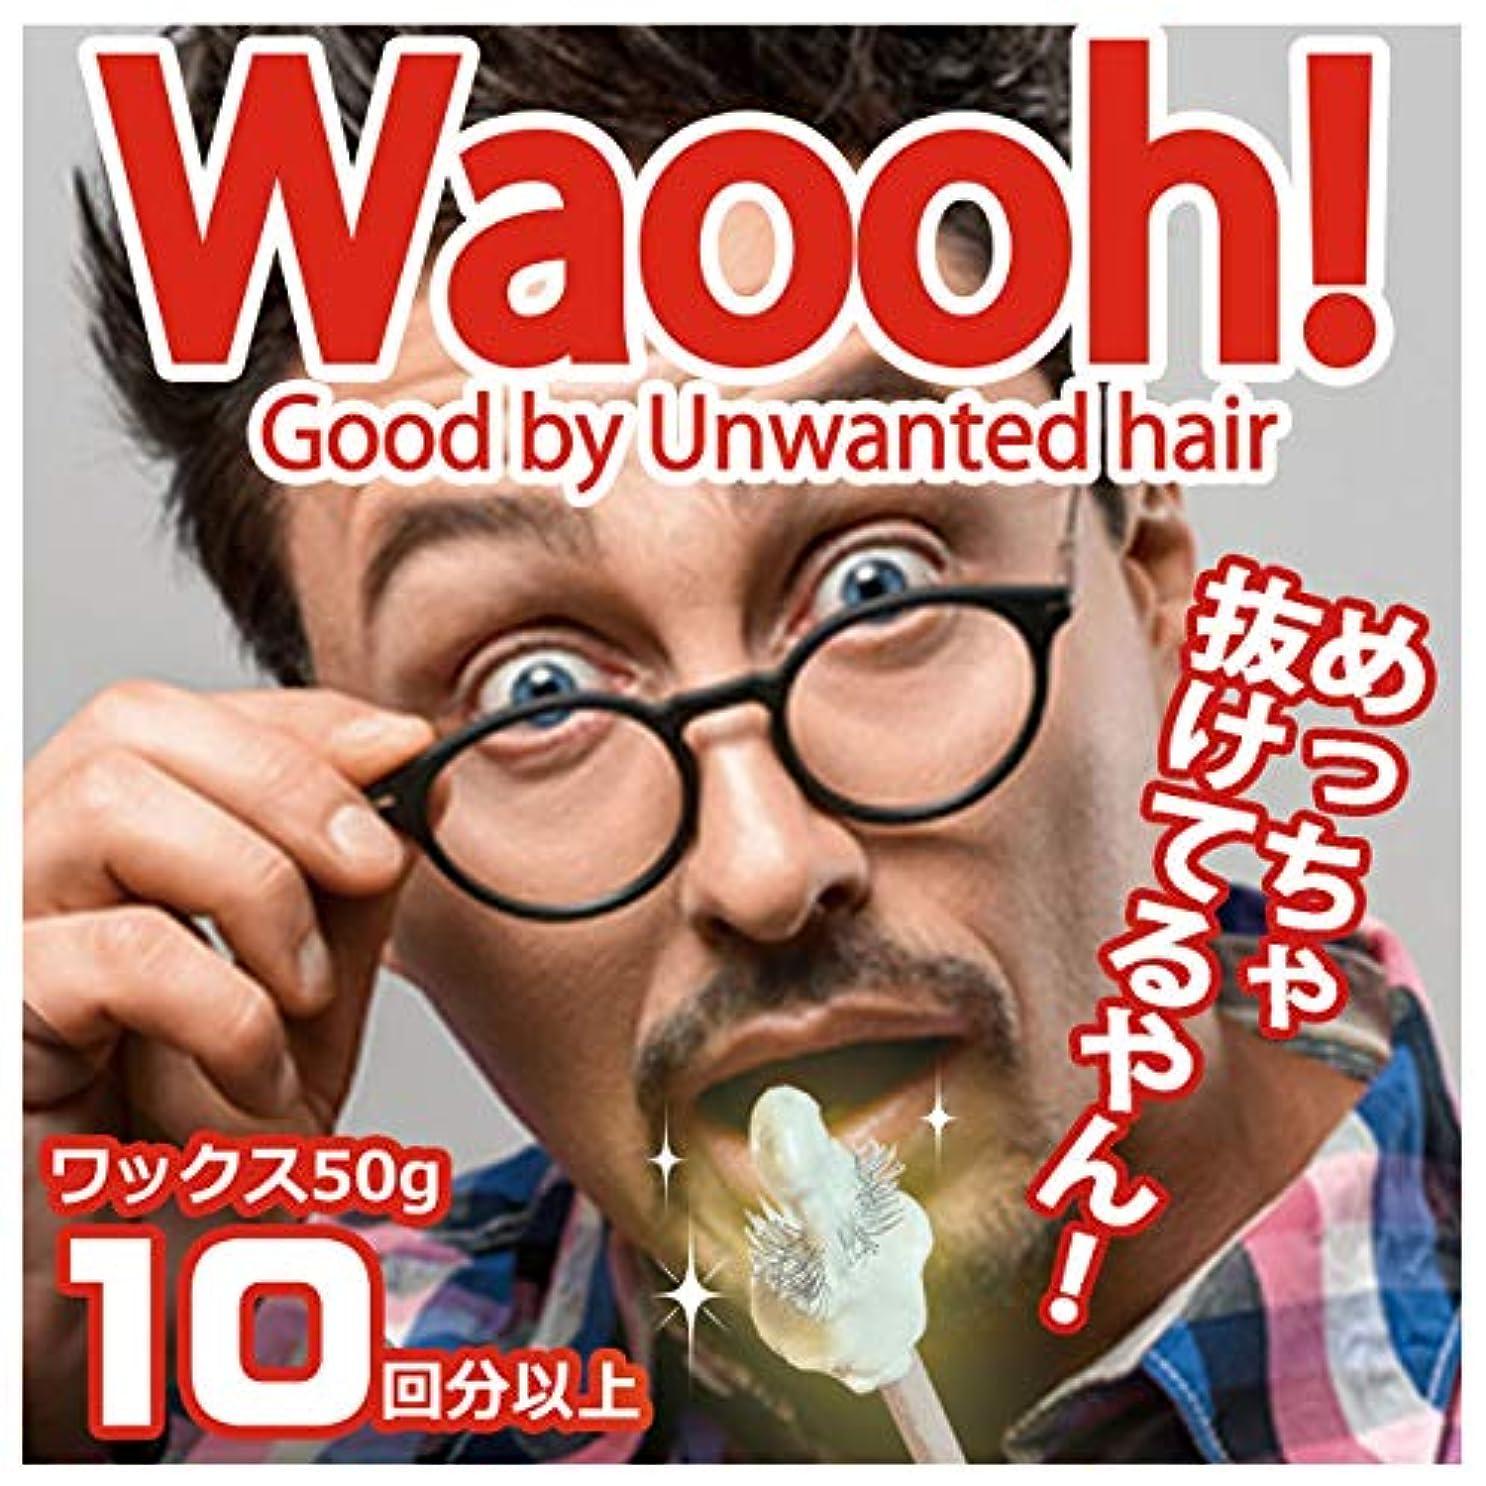 気を散らす無駄用心深い[Waooh]鼻毛 脱毛 ノーズワックス 鼻 ブラジリアン ワックス キット 男女兼用 (50g 10回分)